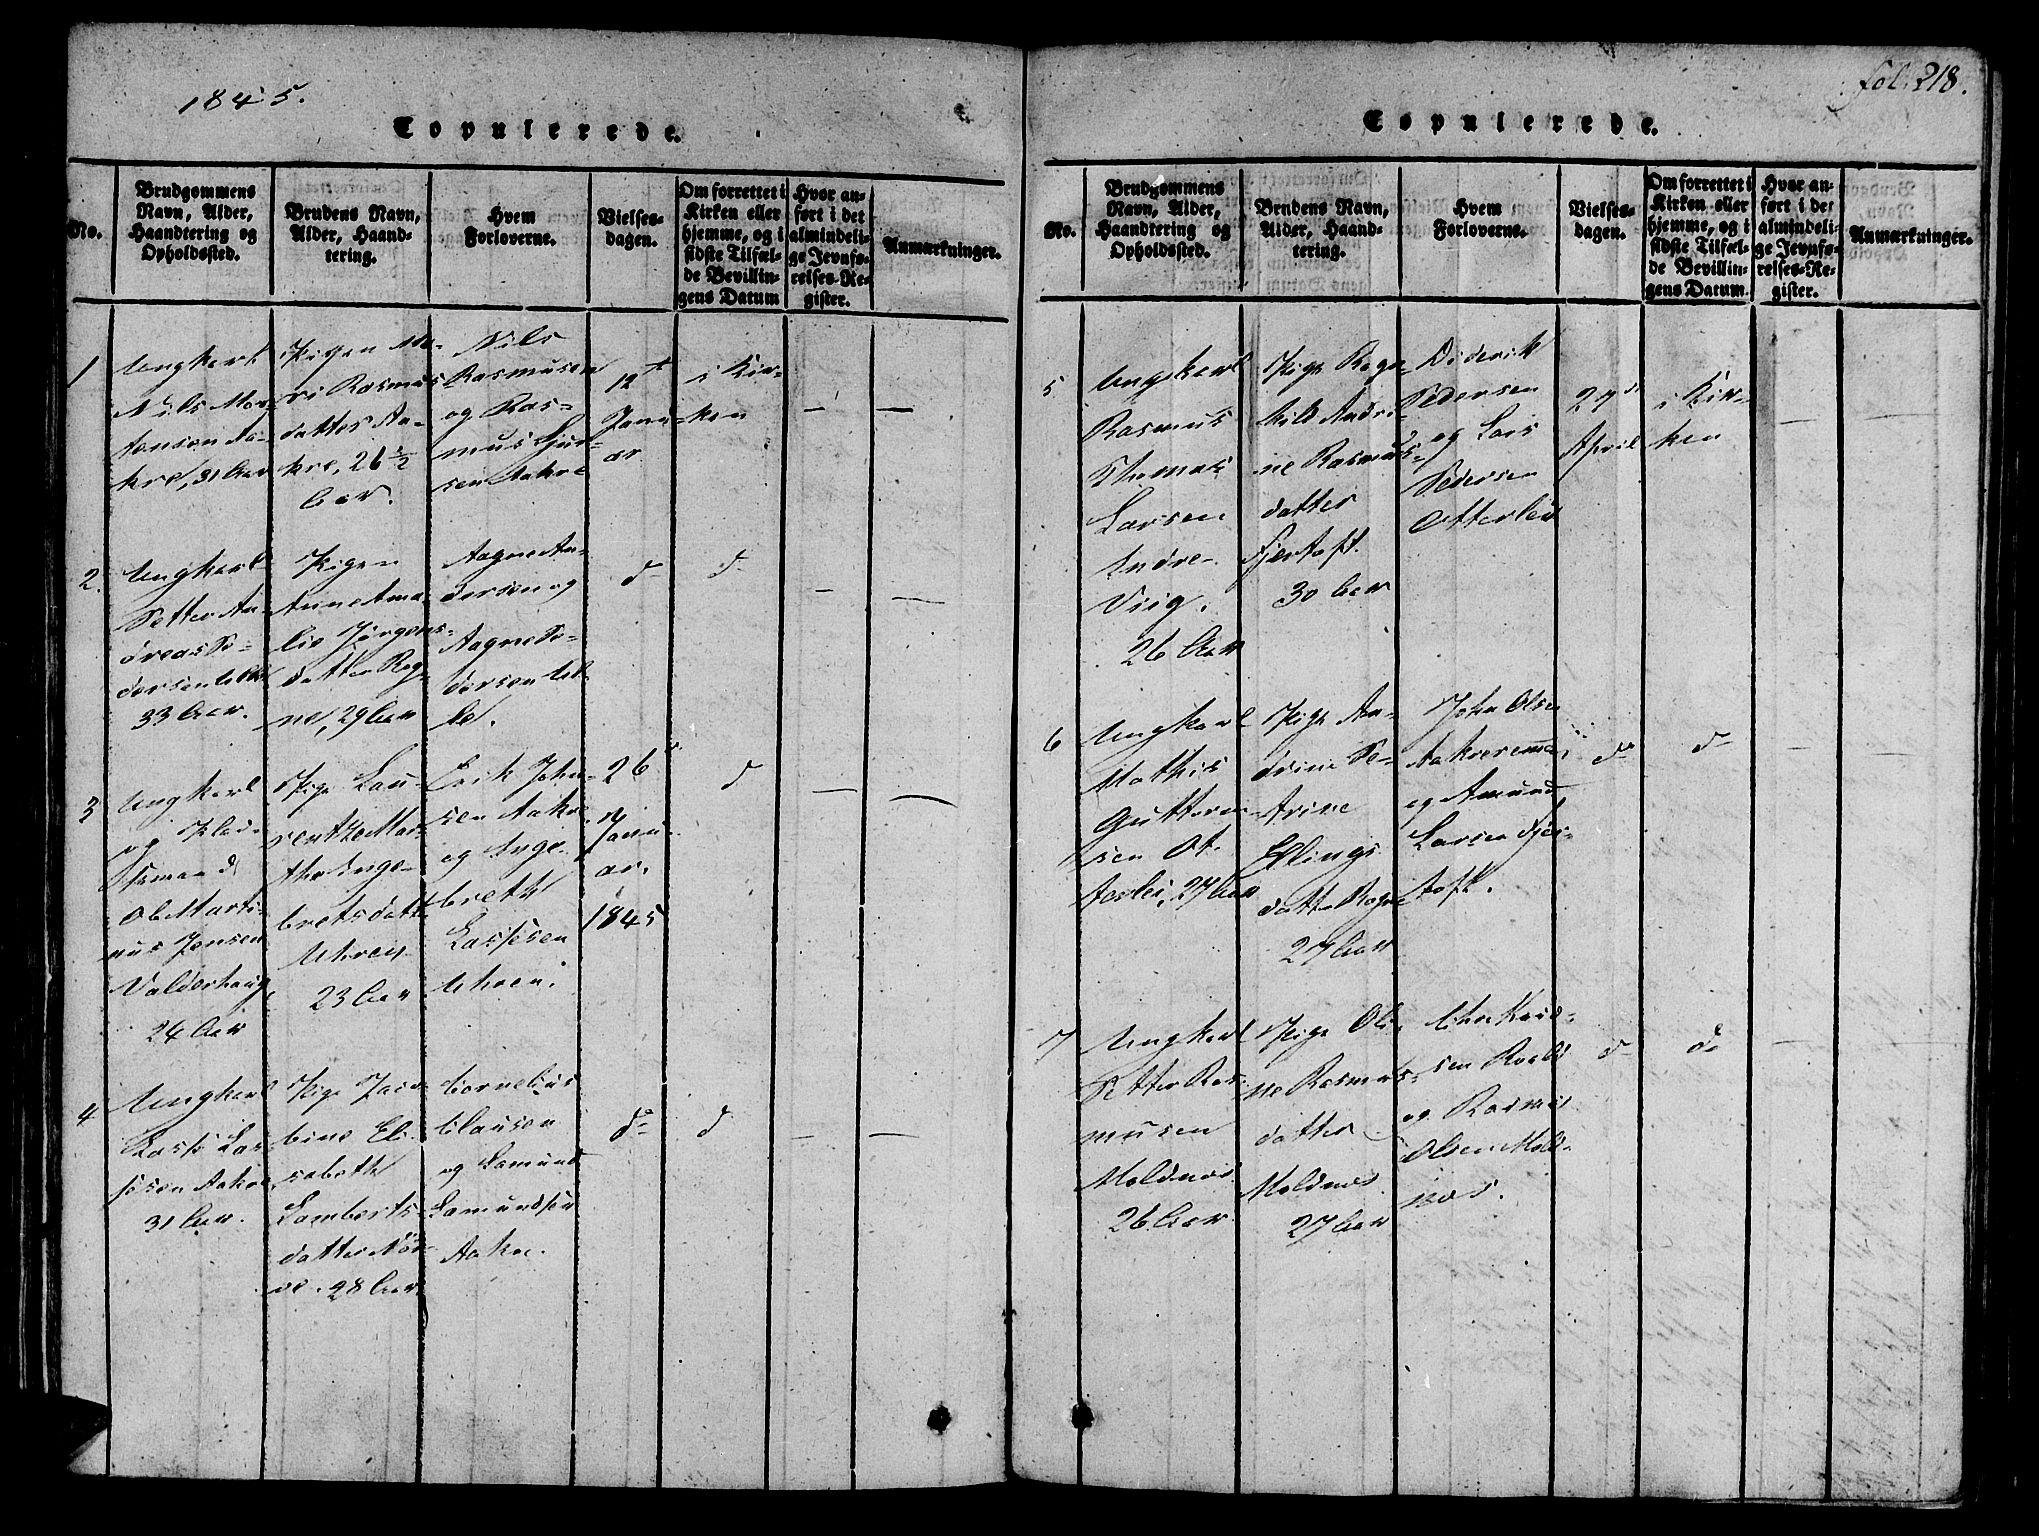 SAT, Ministerialprotokoller, klokkerbøker og fødselsregistre - Møre og Romsdal, 536/L0495: Ministerialbok nr. 536A04, 1818-1847, s. 218